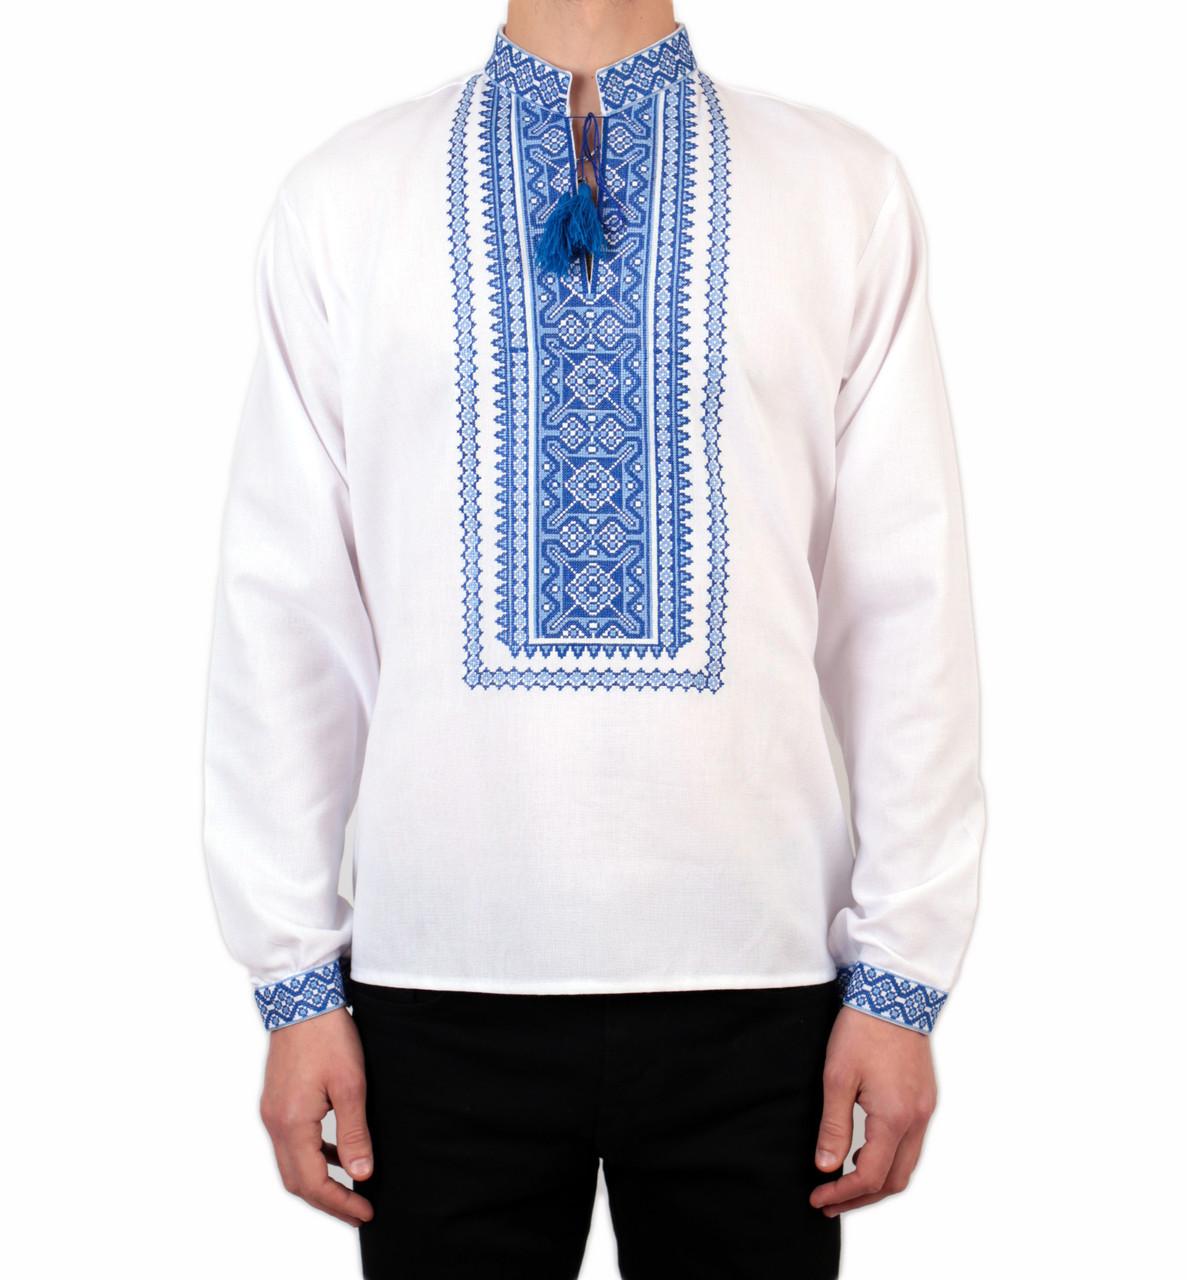 Біла чоловіча вишиванка на довгий рукав з блакитним орнаментом ручної роботи на попліні